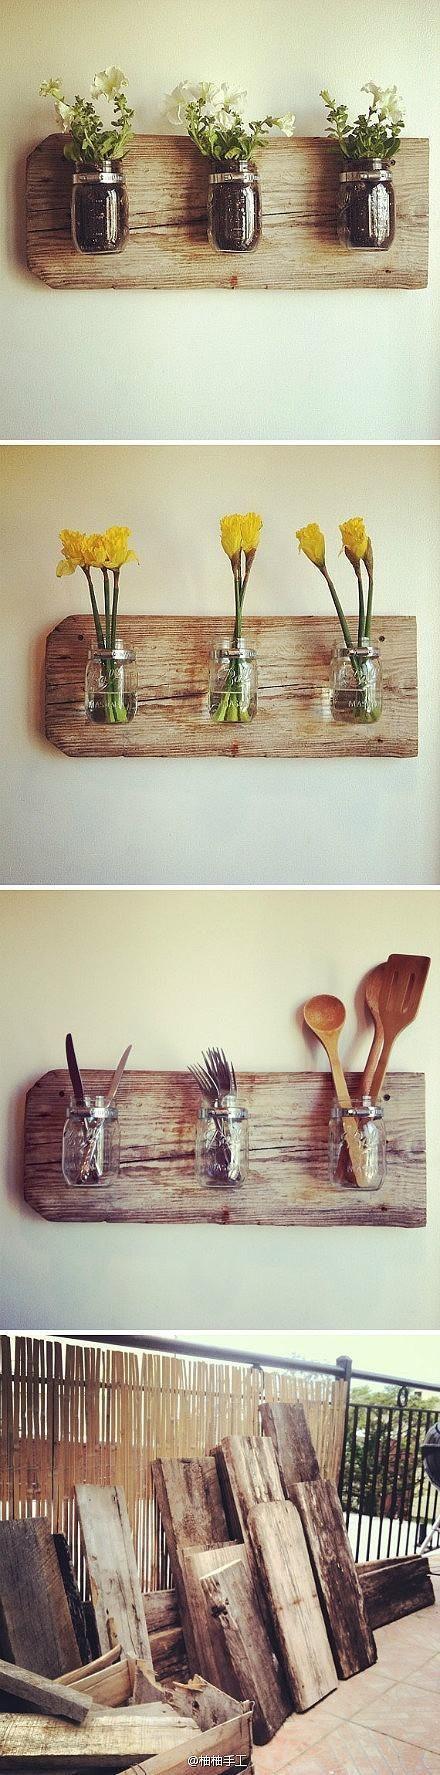 Scrap wood + mason jars